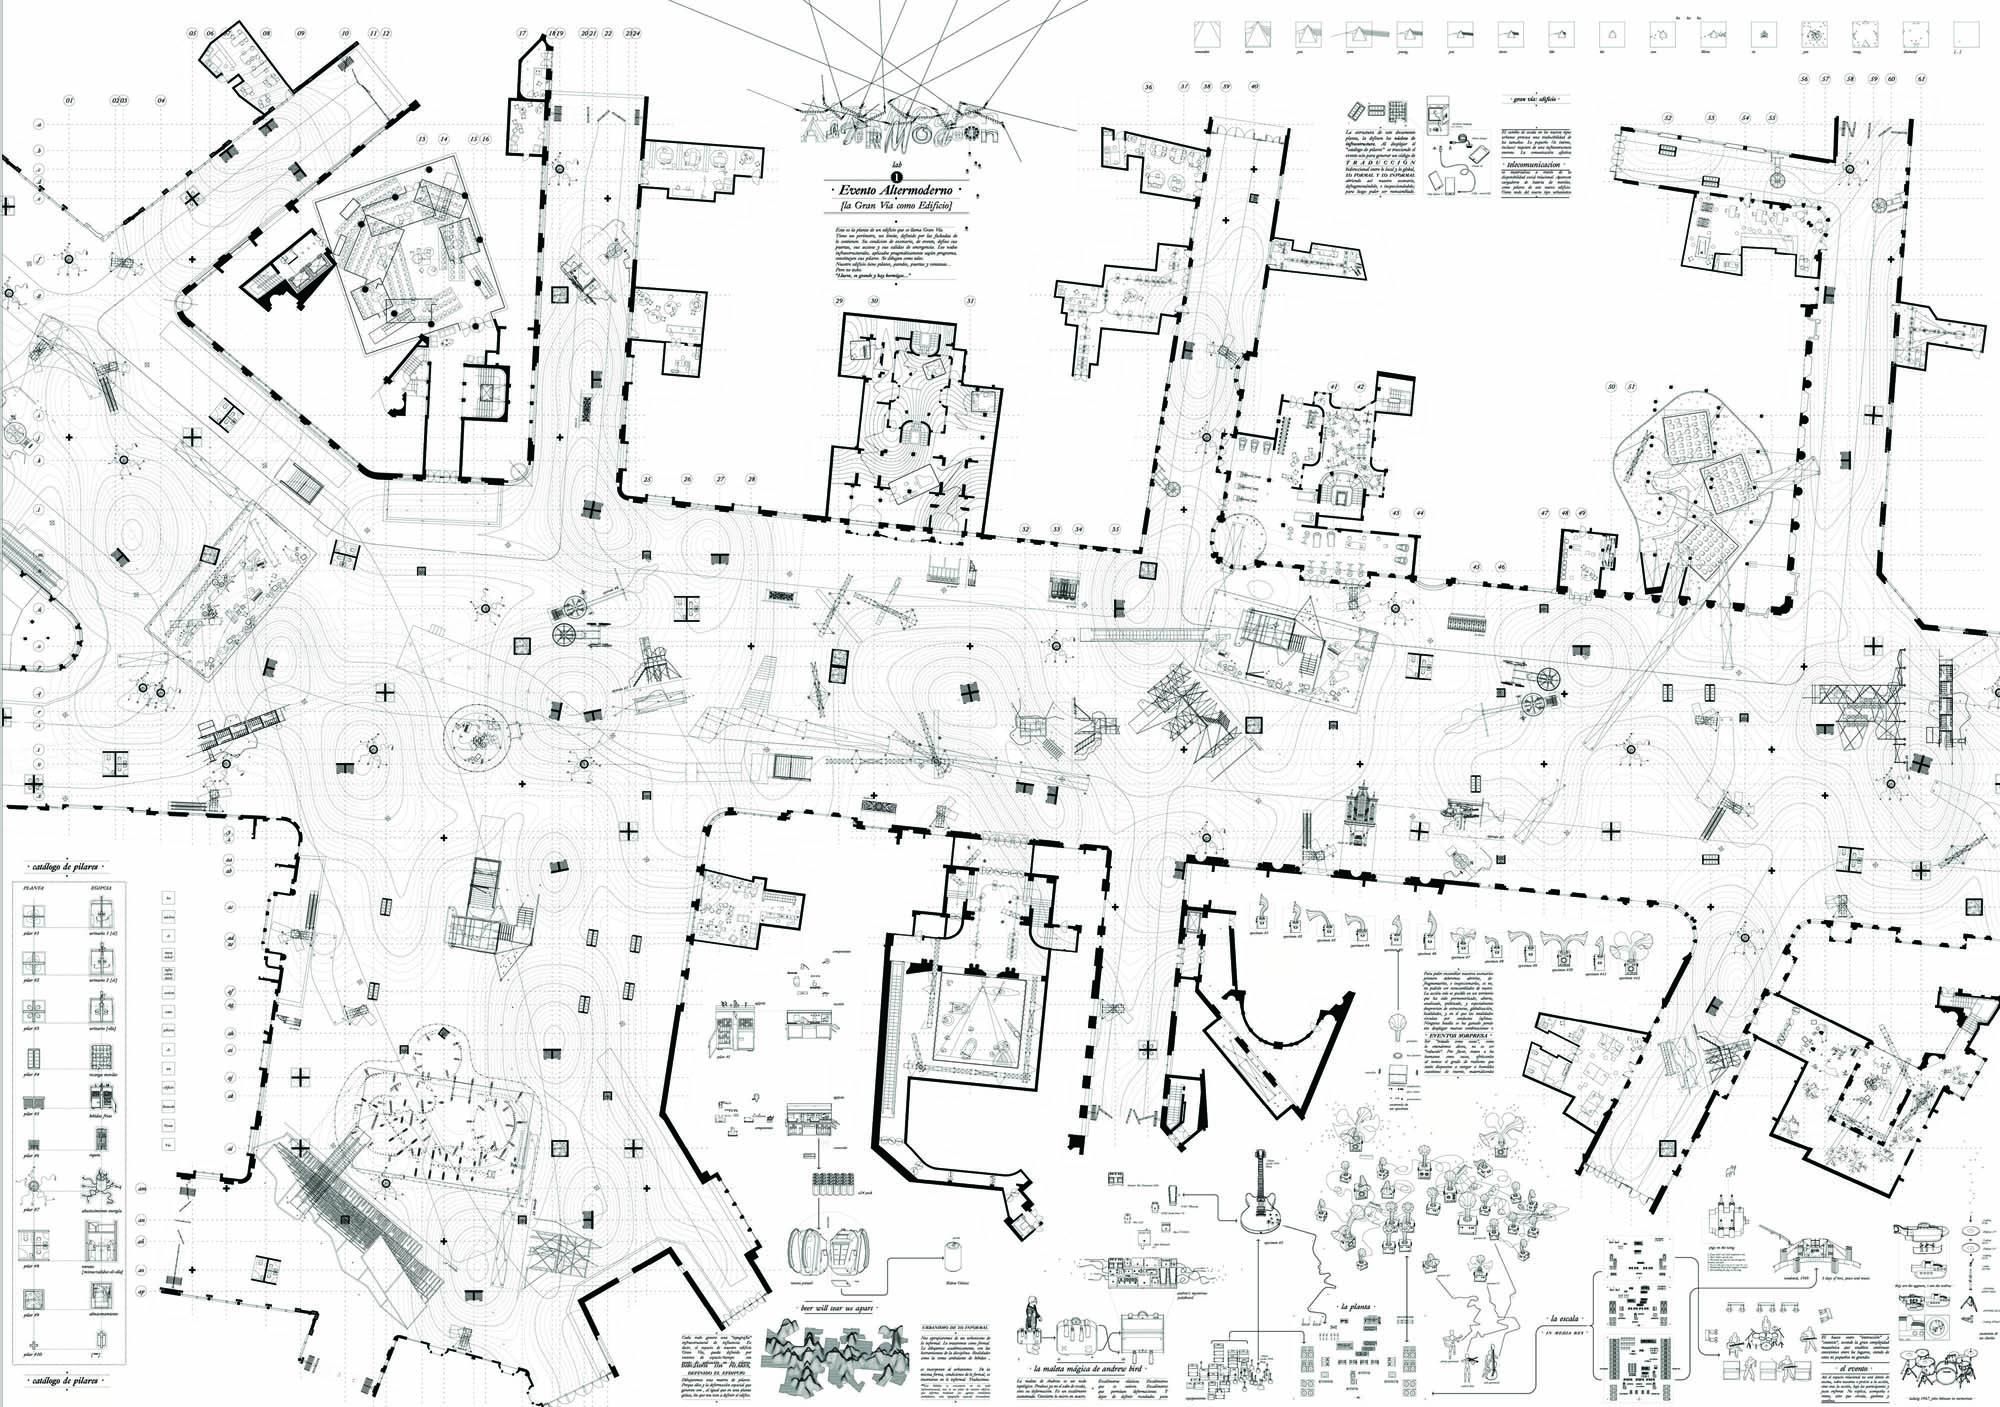 04_Lab1-Altermodern Event-PLAN